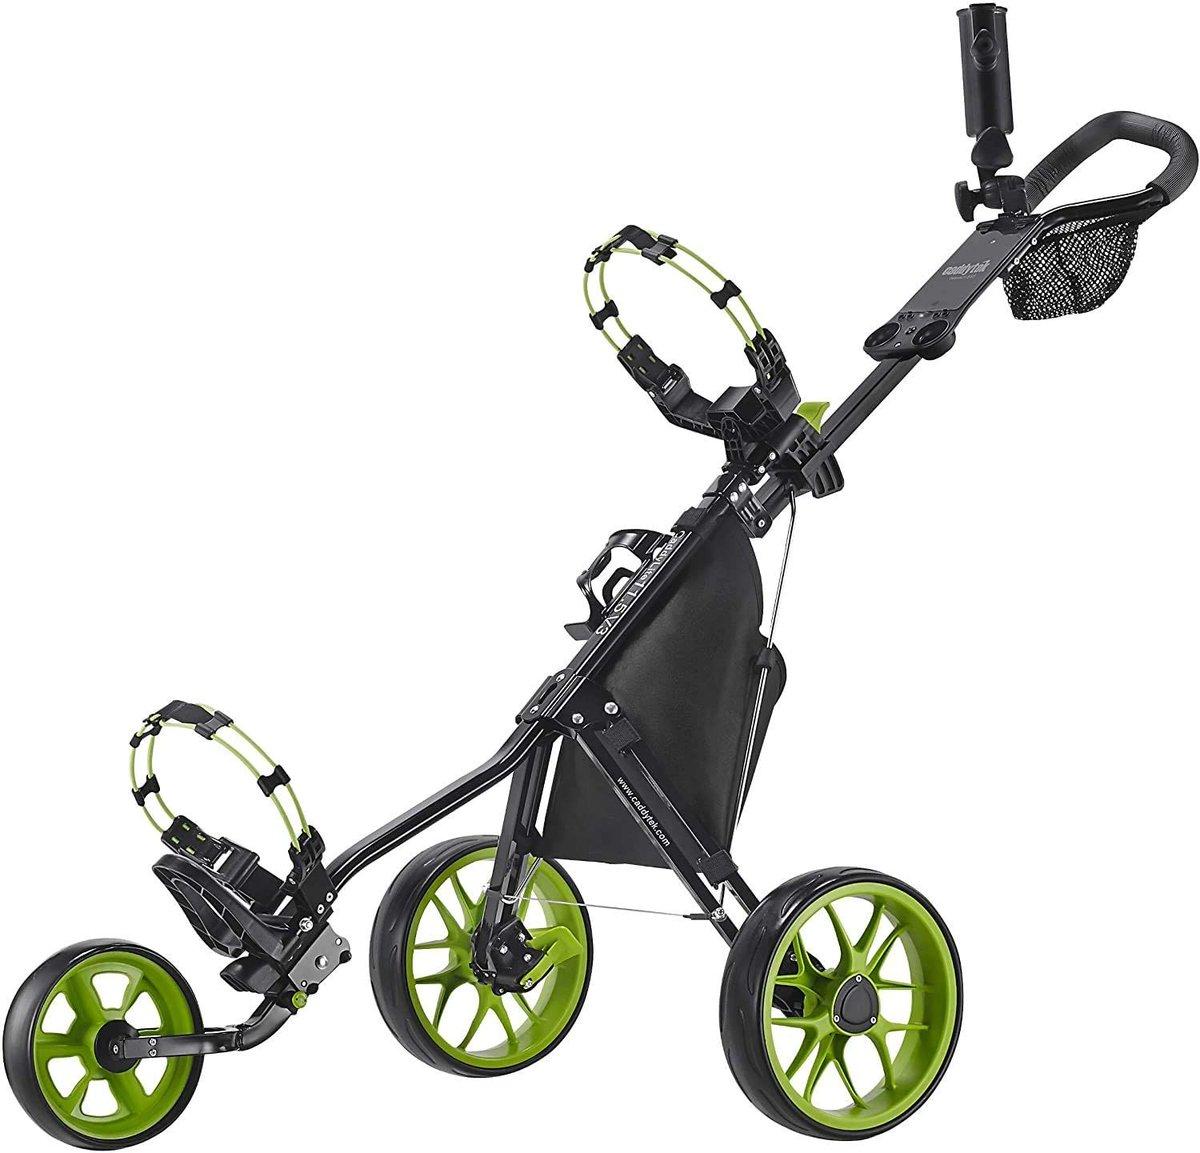 Caddytek CaddyLite 3 Wheel Golf Push Cart restocked + under retail  Click here to order